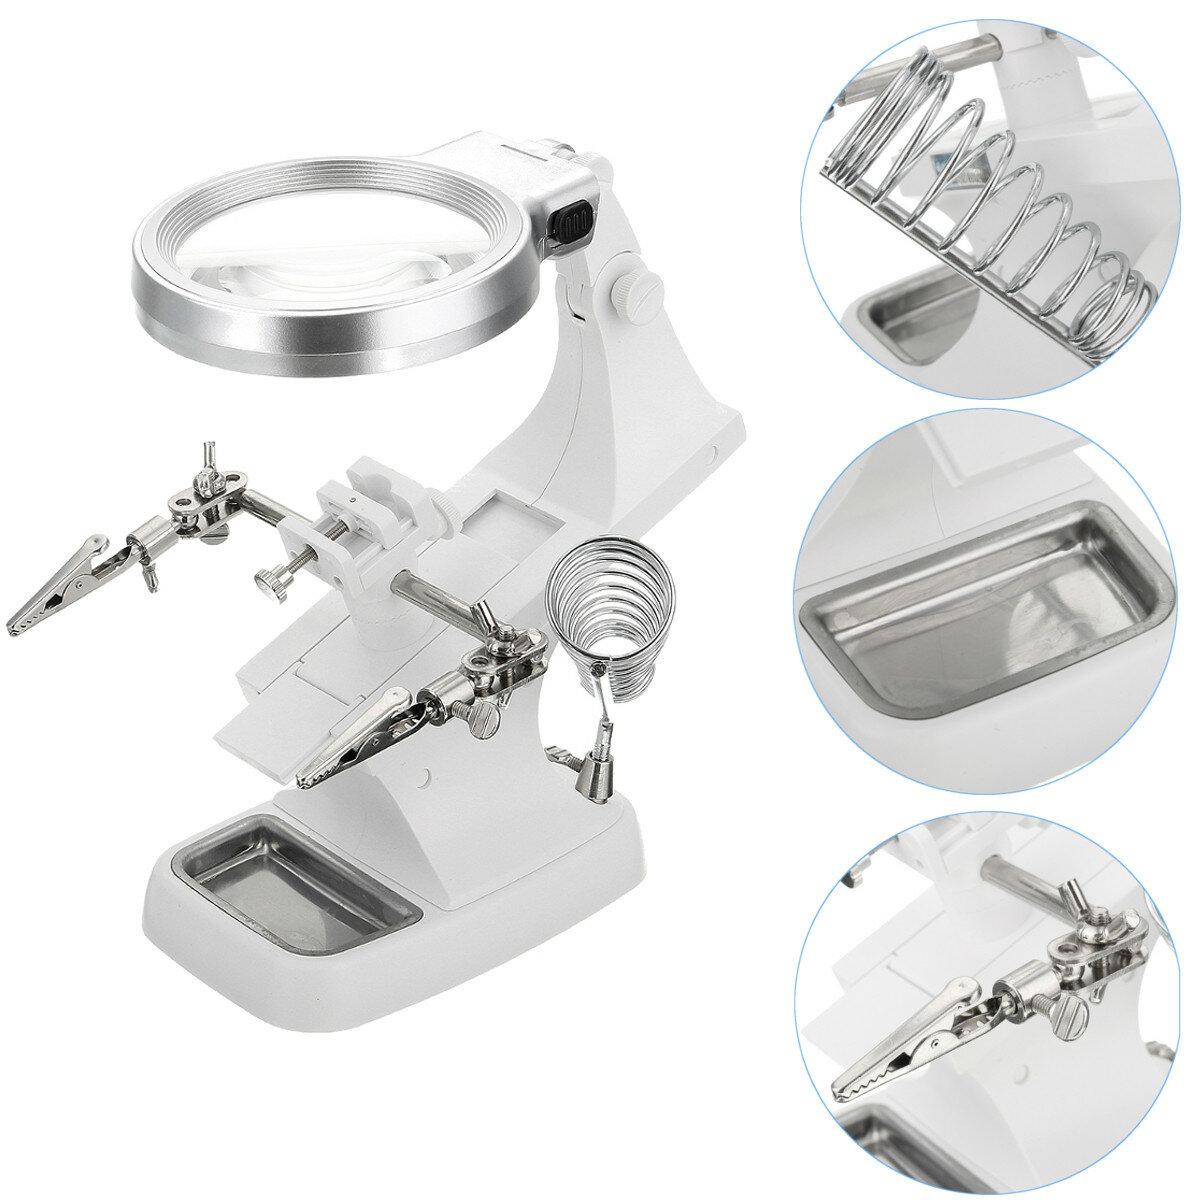 DANIU multifunctionele lasvergroter LED Helpende hand soldeerbout staander Vergroten lensvergroter klem hulpmiddel